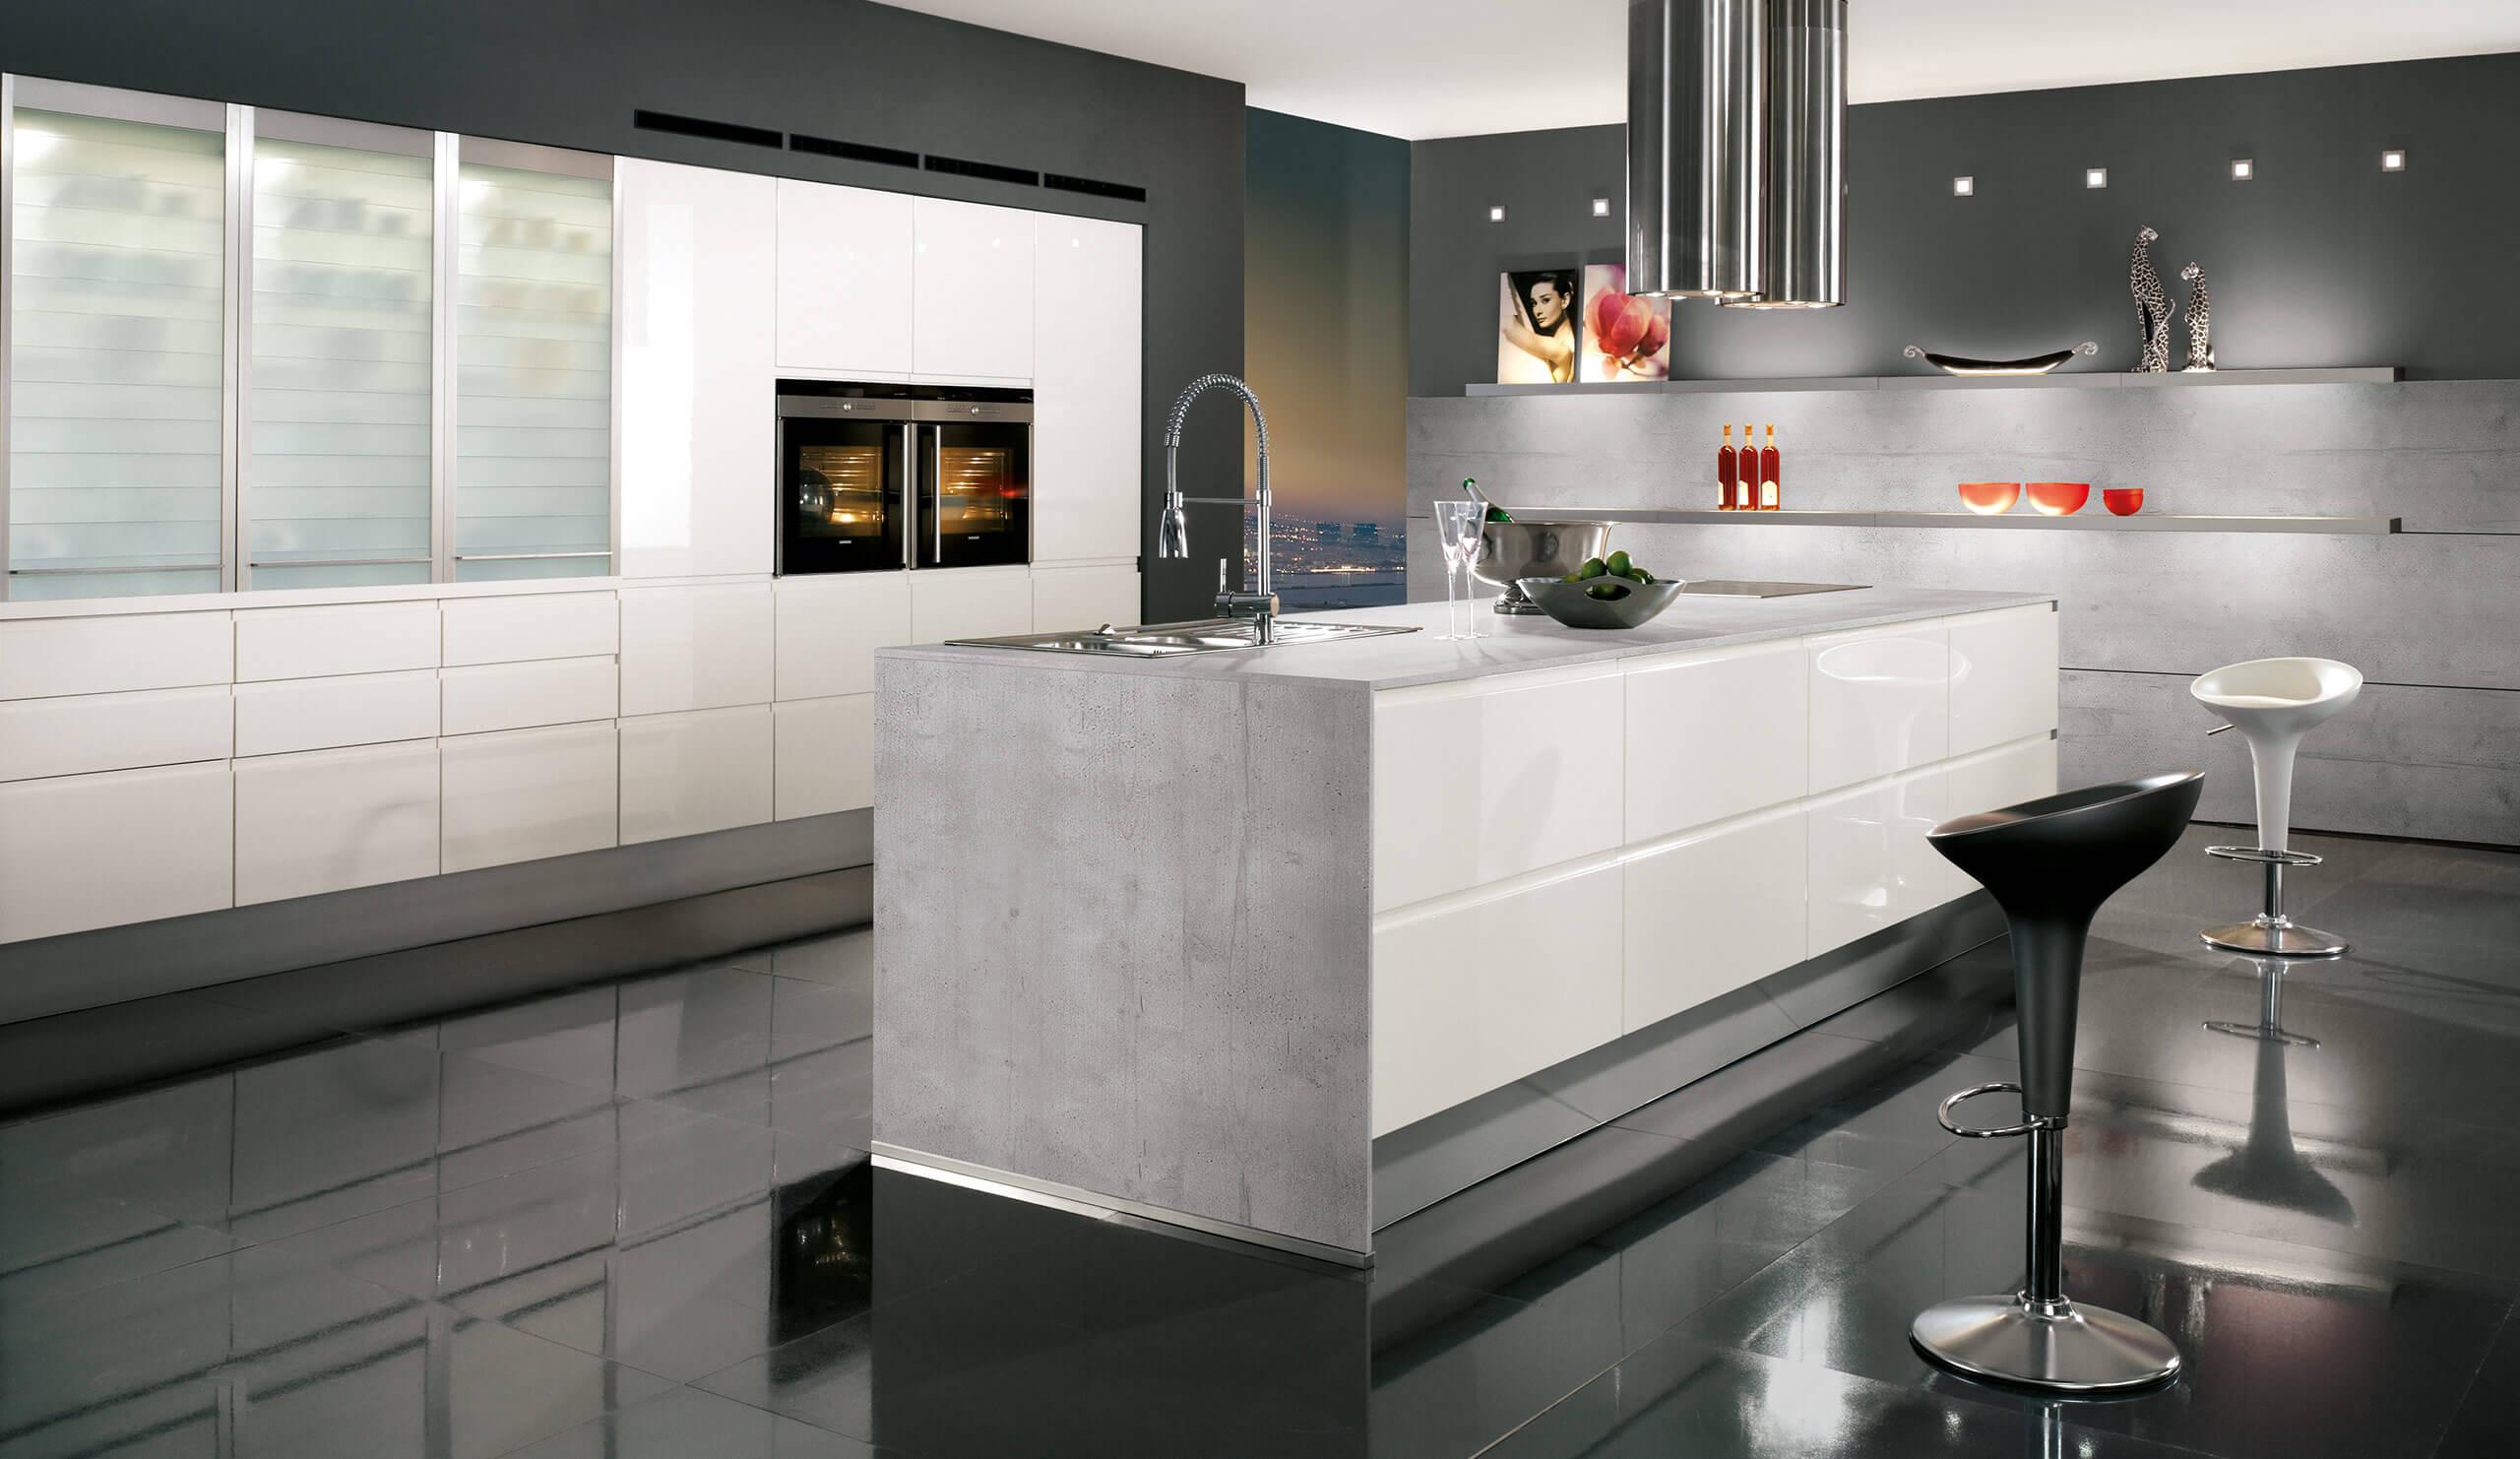 Full Size of Küchen Ideen Weie Kchen Haus Deko Regal Bad Renovieren Wohnzimmer Tapeten Wohnzimmer Küchen Ideen